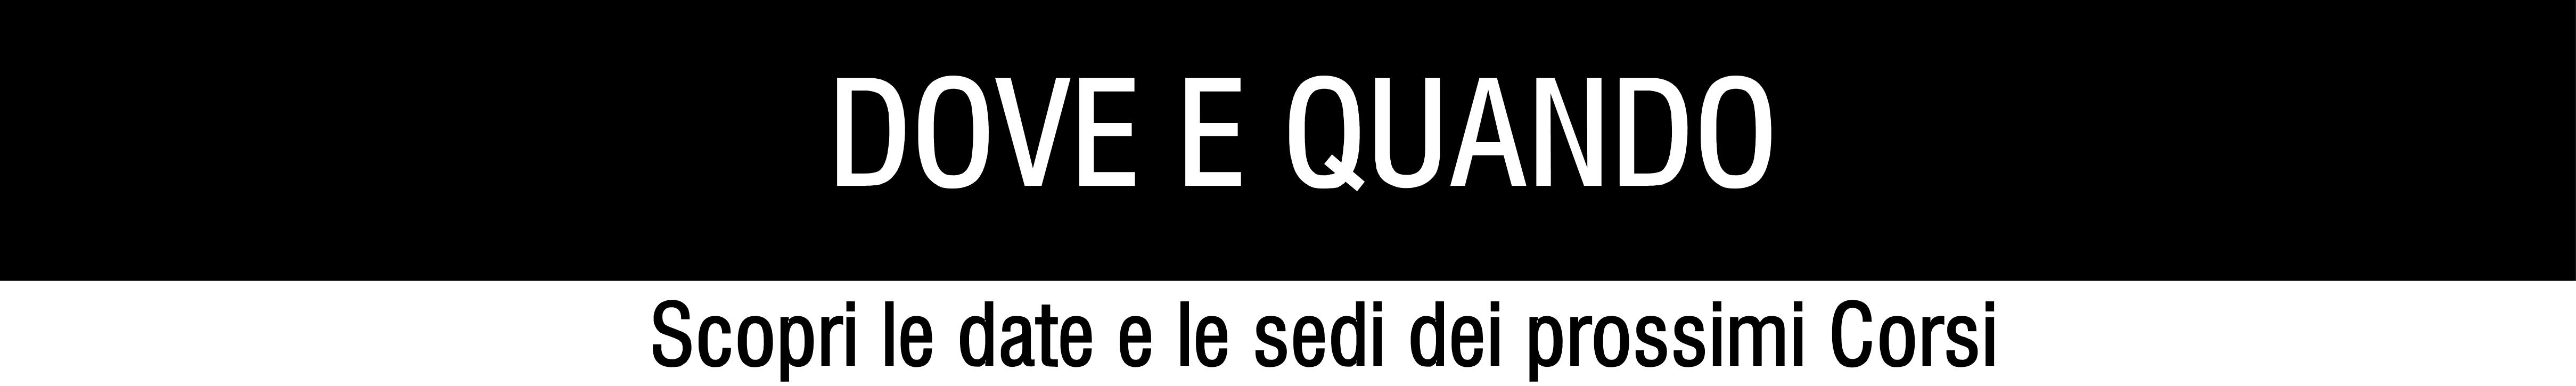 DOVE E QUANDO